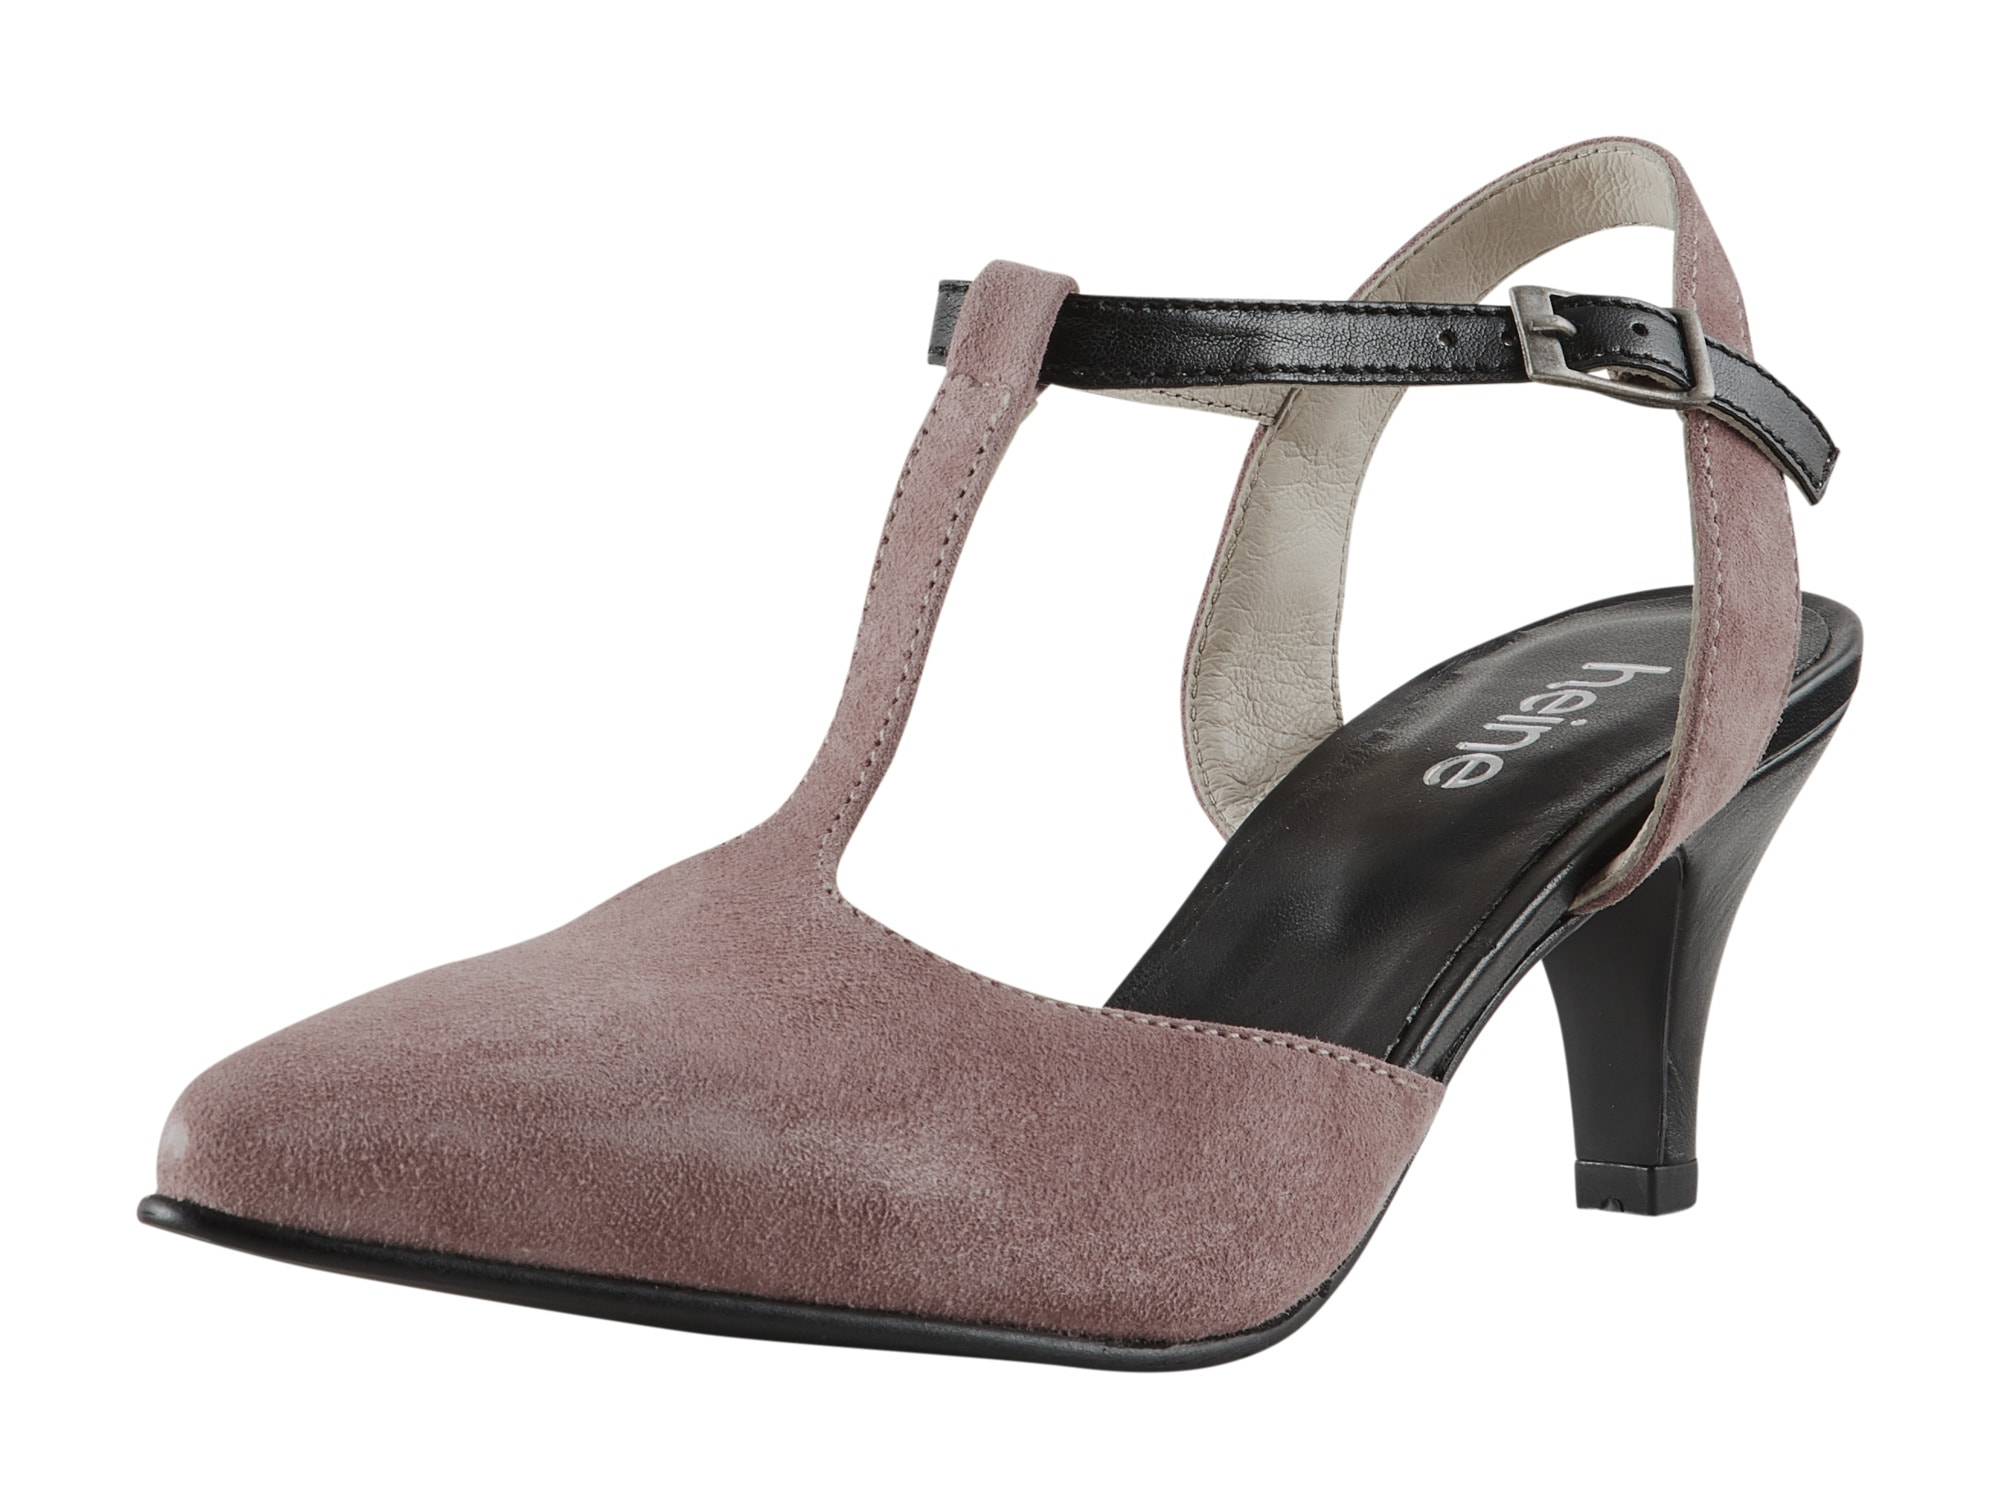 Eine Beeindruckende Gabor Rosa Damen Schuhe Pumps Pumps Lack